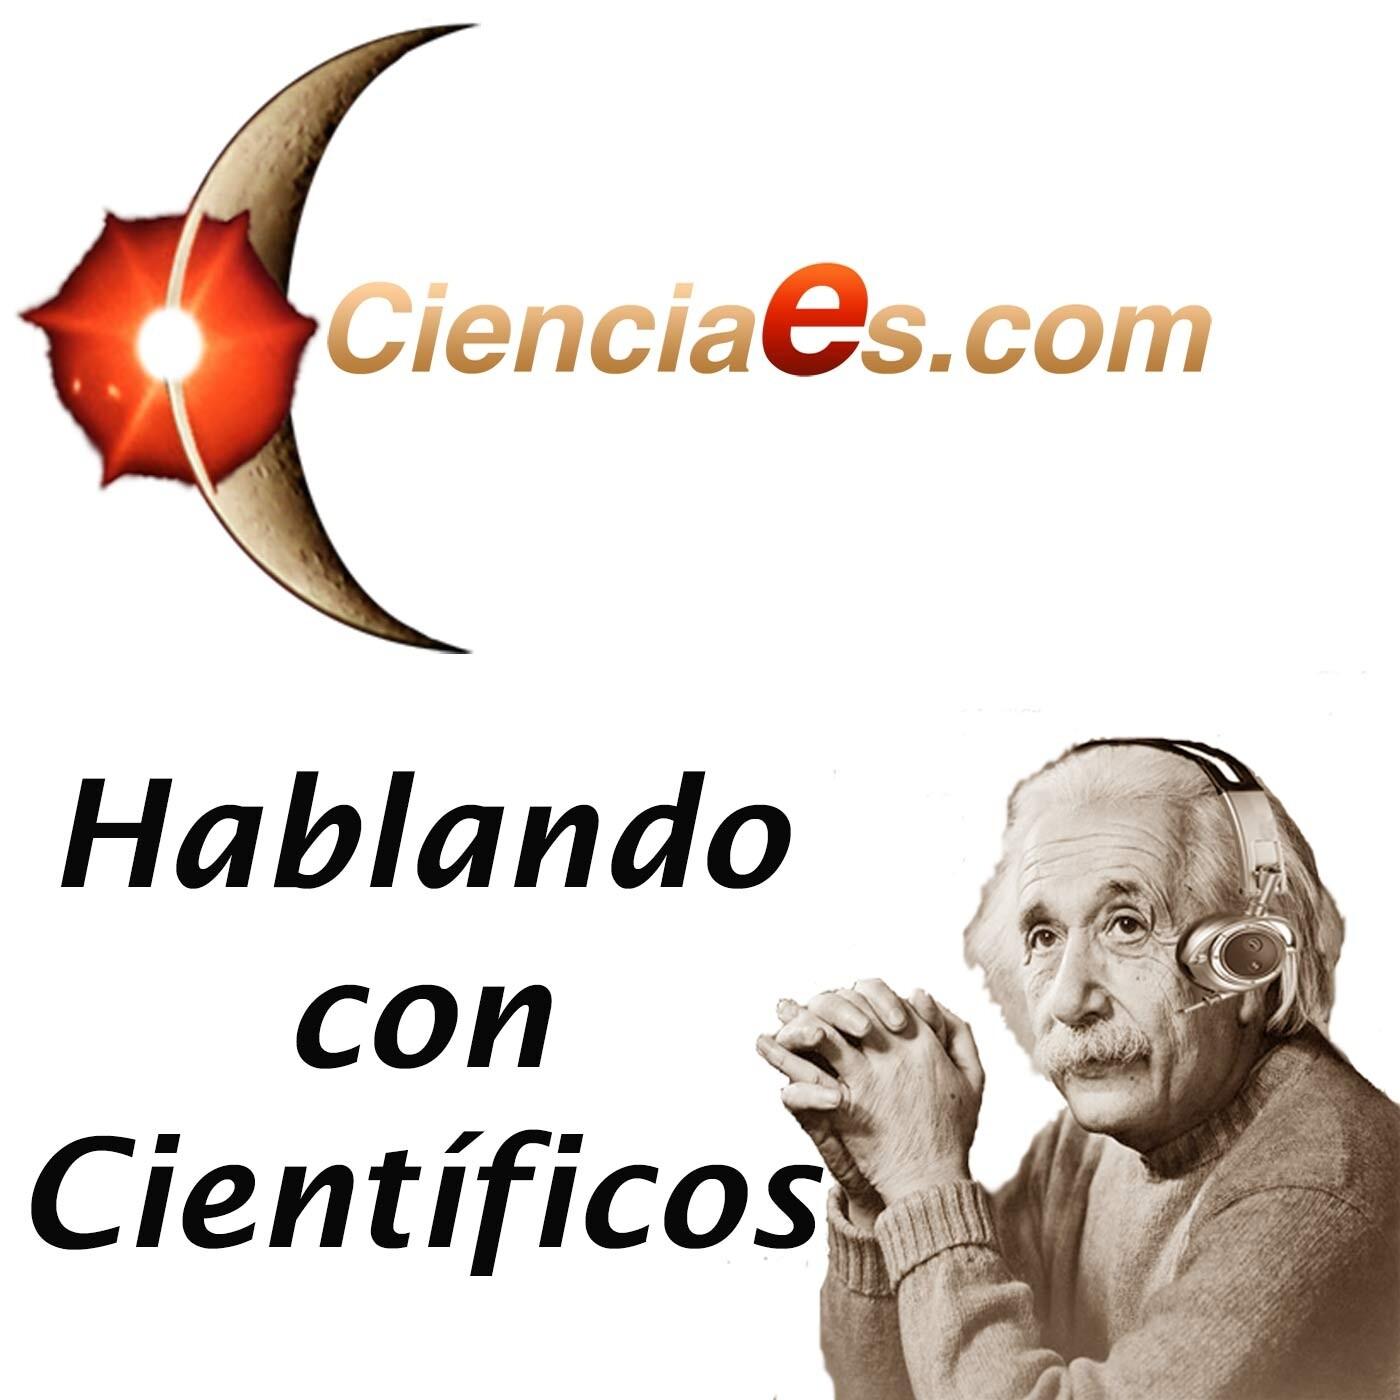 Image result for HABLANDO CON CIENTIFICOS CIENCIA.ES